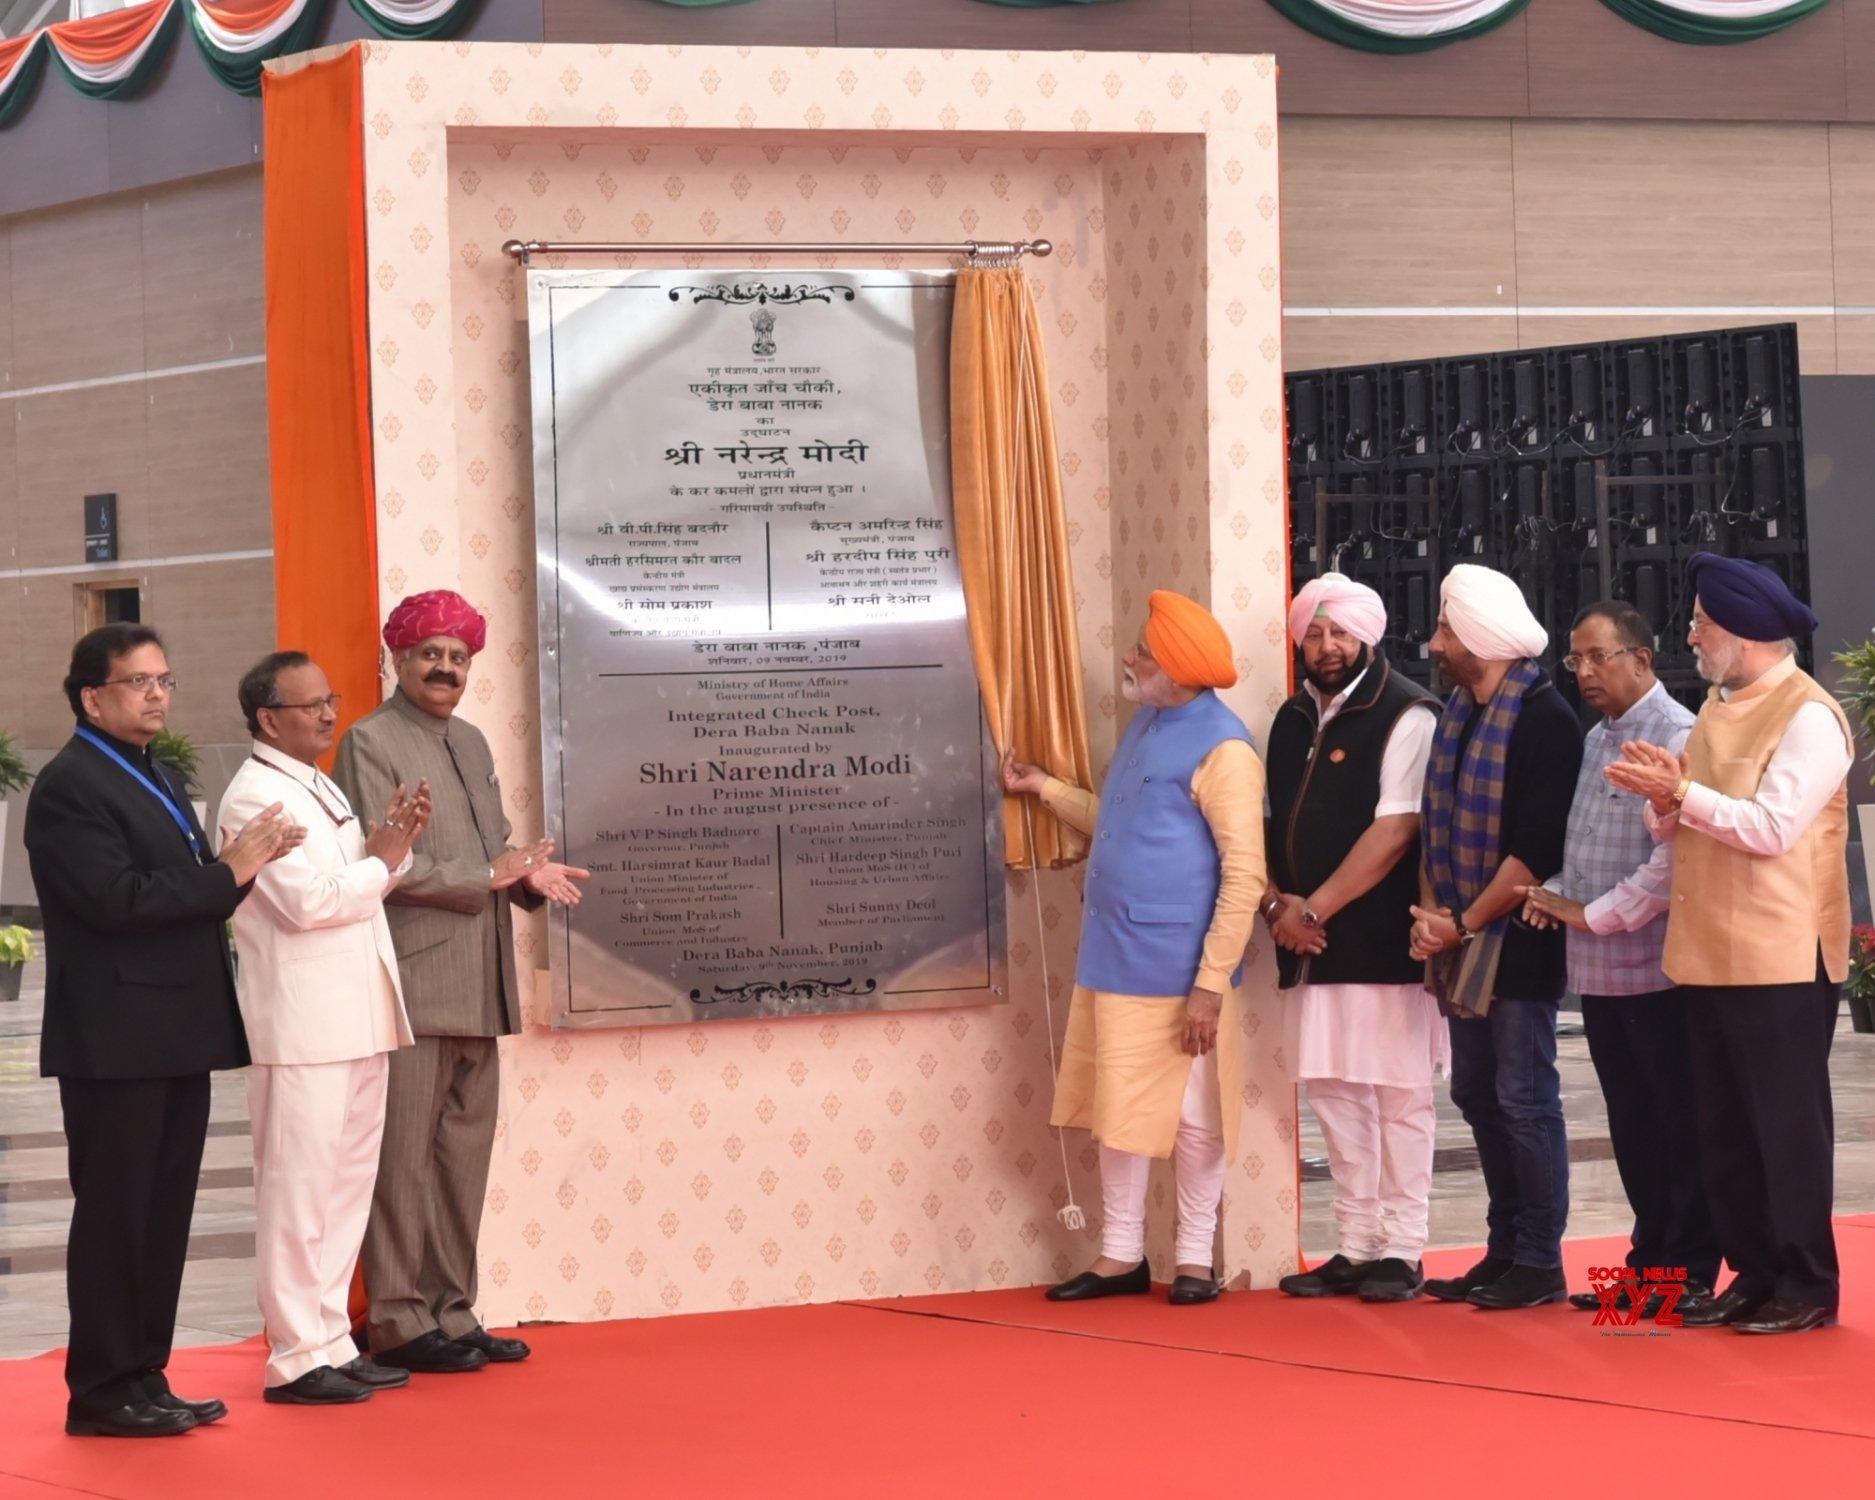 Dera Baba Nanak (Punjab): PM Modi at a programme in Dera Baba Nanak (Batch - 3) #Gallery